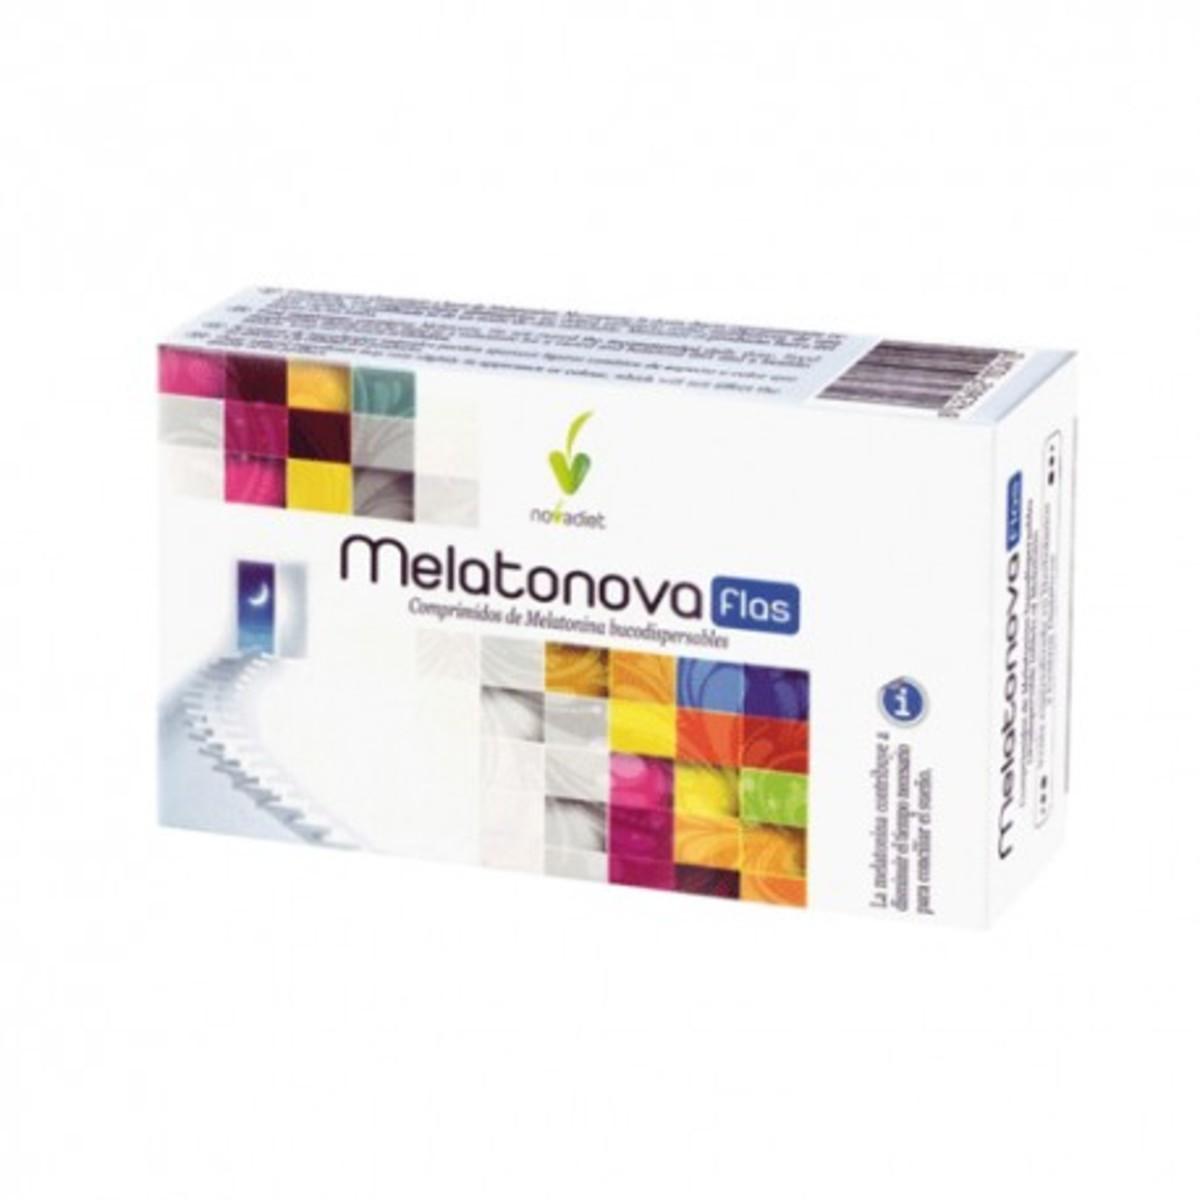 Melatonova Flas 30 comprimidos de Novadiet